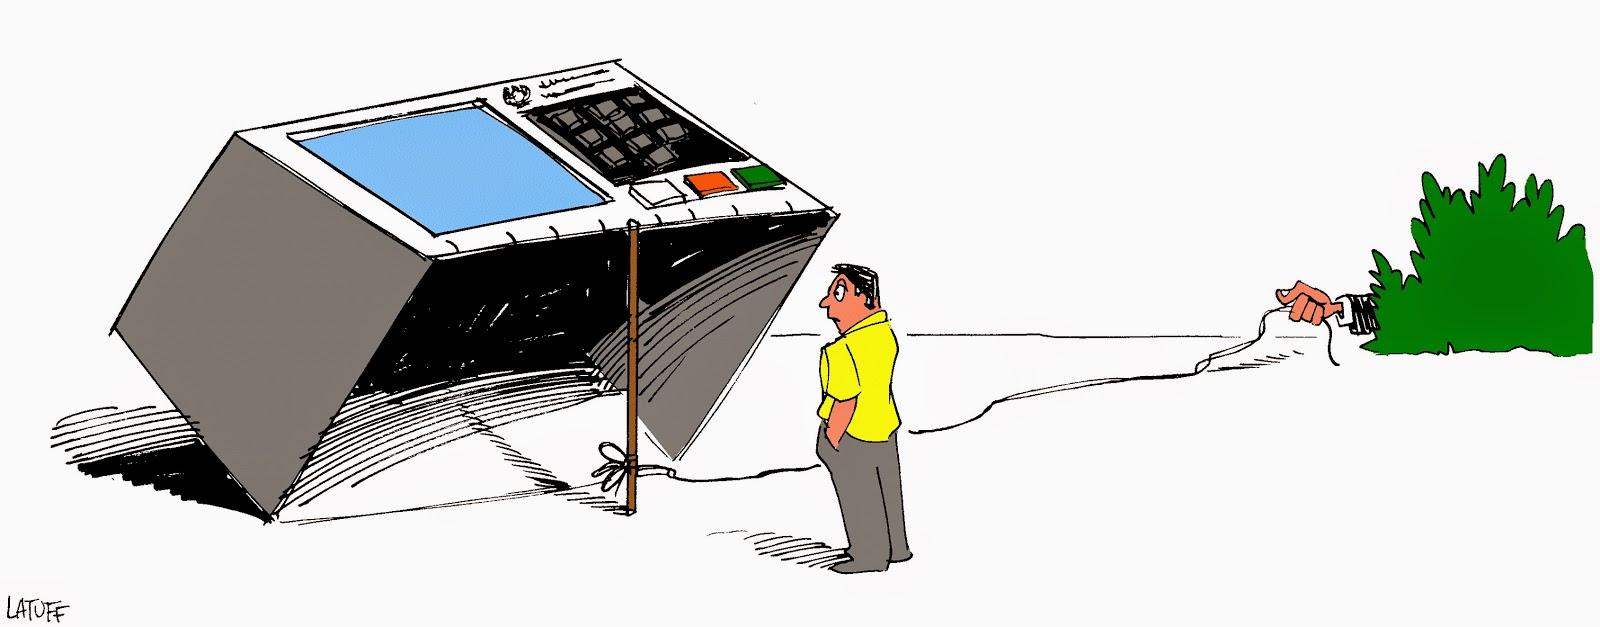 Latuff: Vias de Fato, Democracia.